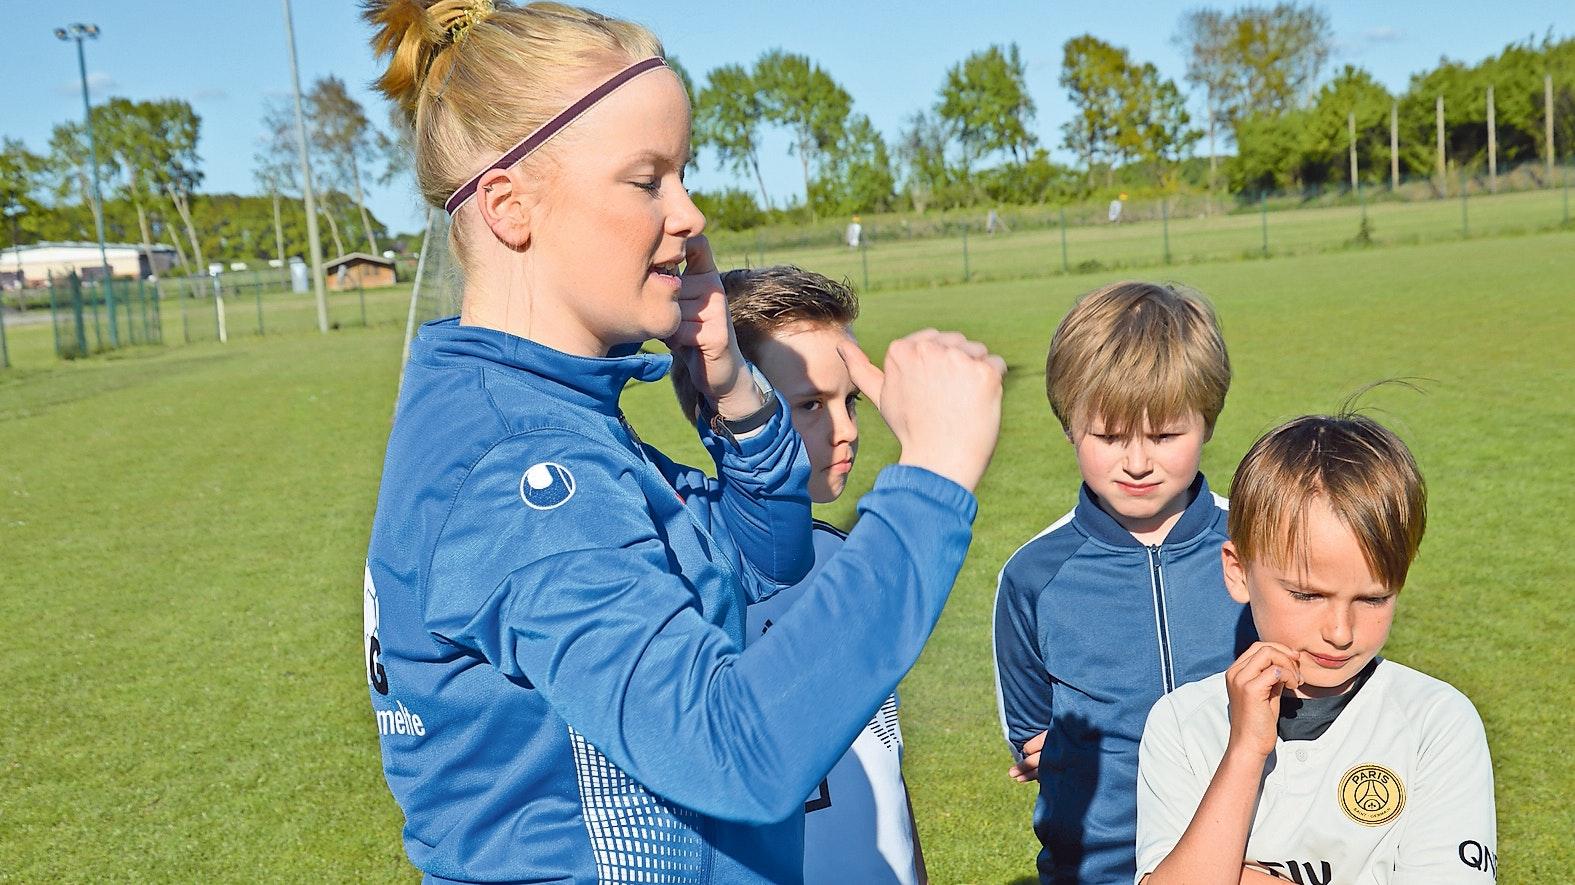 Engagierte Trainerin: Christina Brundiers kümmert sich beim FC Lastrup vor allem um den sportlichen Nachwuchs. Foto: Landwehr